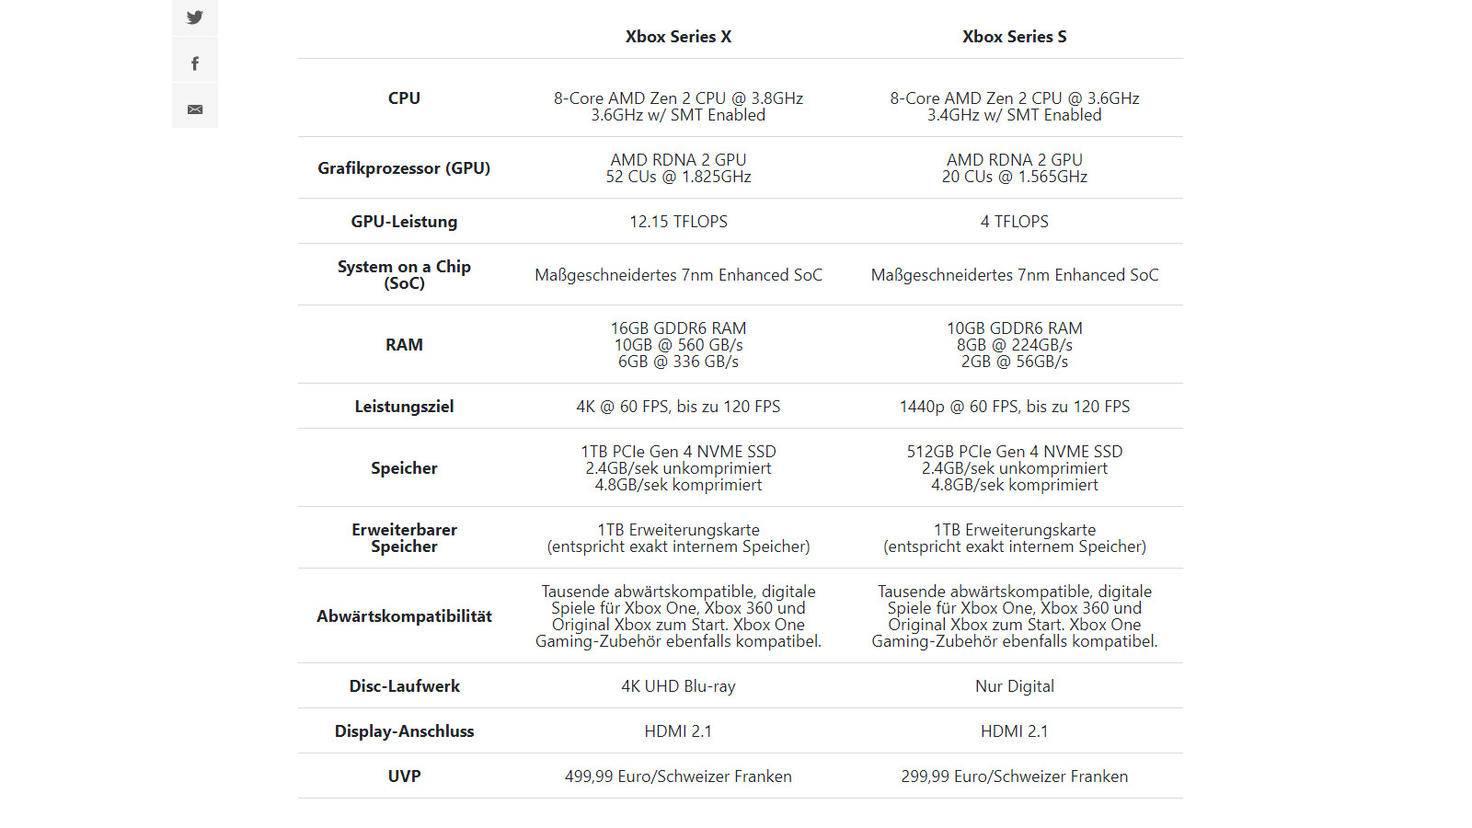 xbox-series-s-x-specs